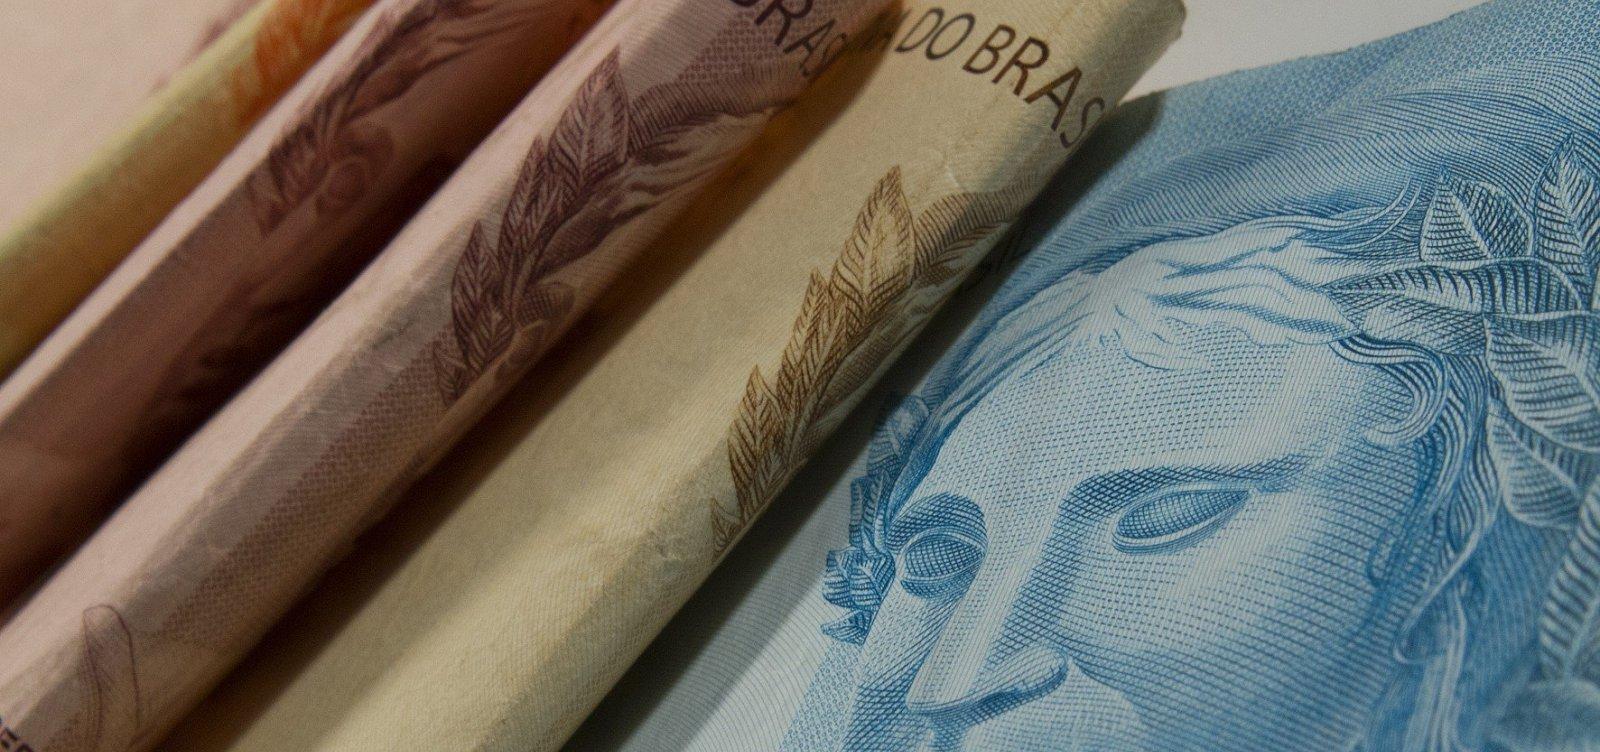 Contas públicas têm saldo positivo de R$ 9,4 bilhões em outubro